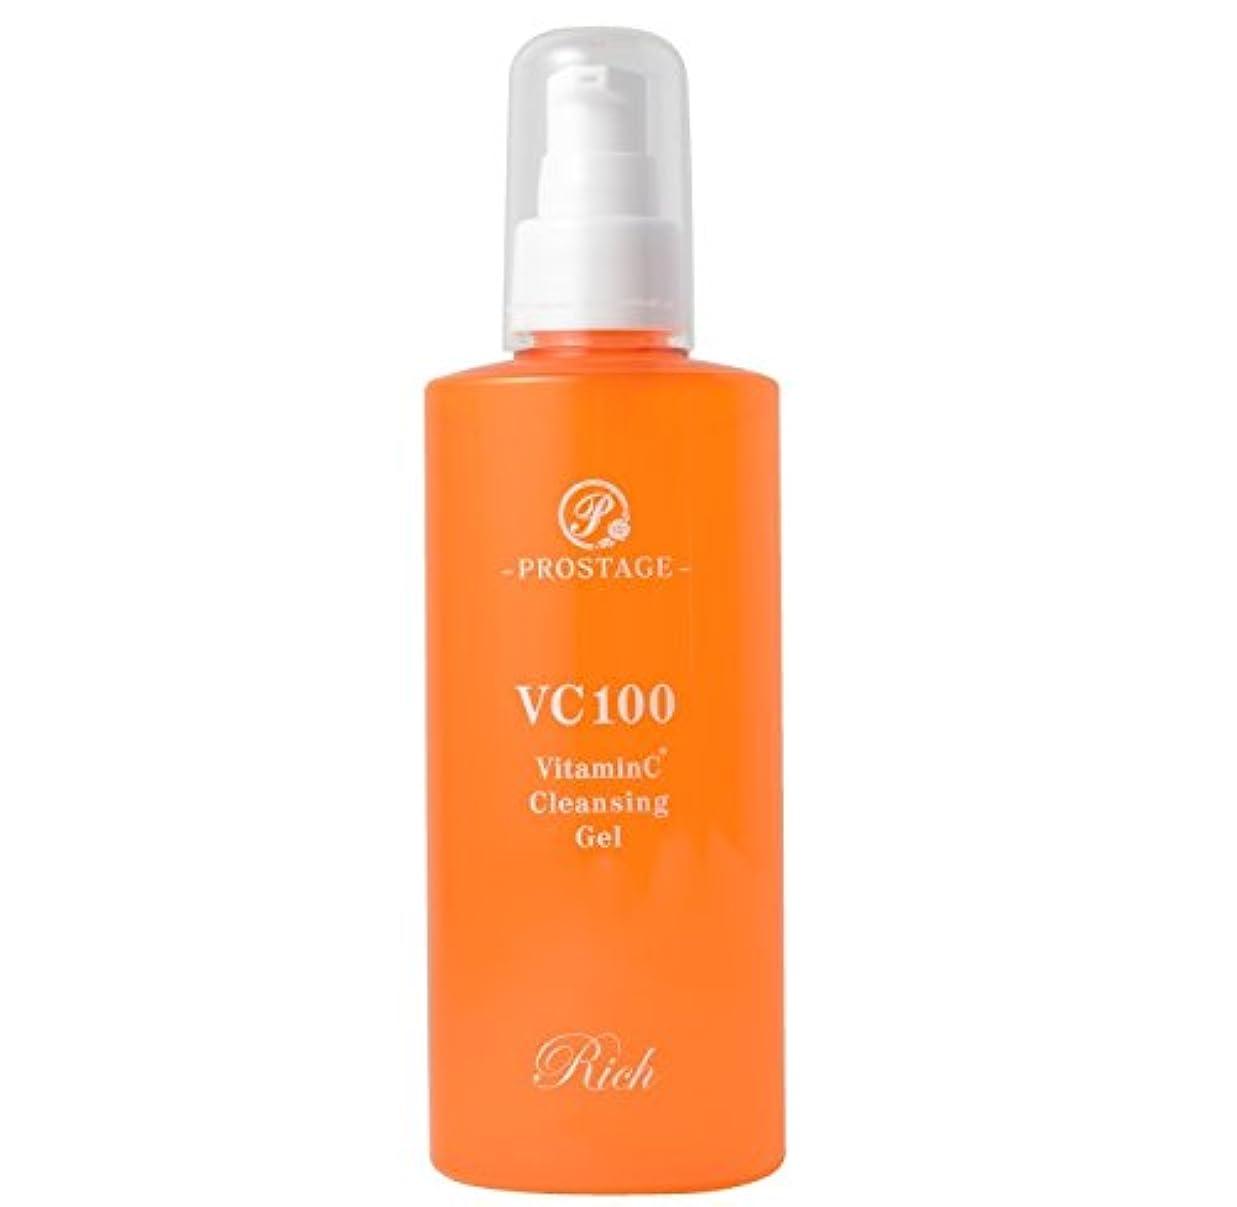 静けさページ申し立てられた大容量 クレンジング 【超お買い得】200ml プロステージ VC100 VitaminC Cleansing Gel Rich ビタミンC クレンジングゲル 100倍浸透型ビタミンC 誘導体配合クレンジングジェル 200ml